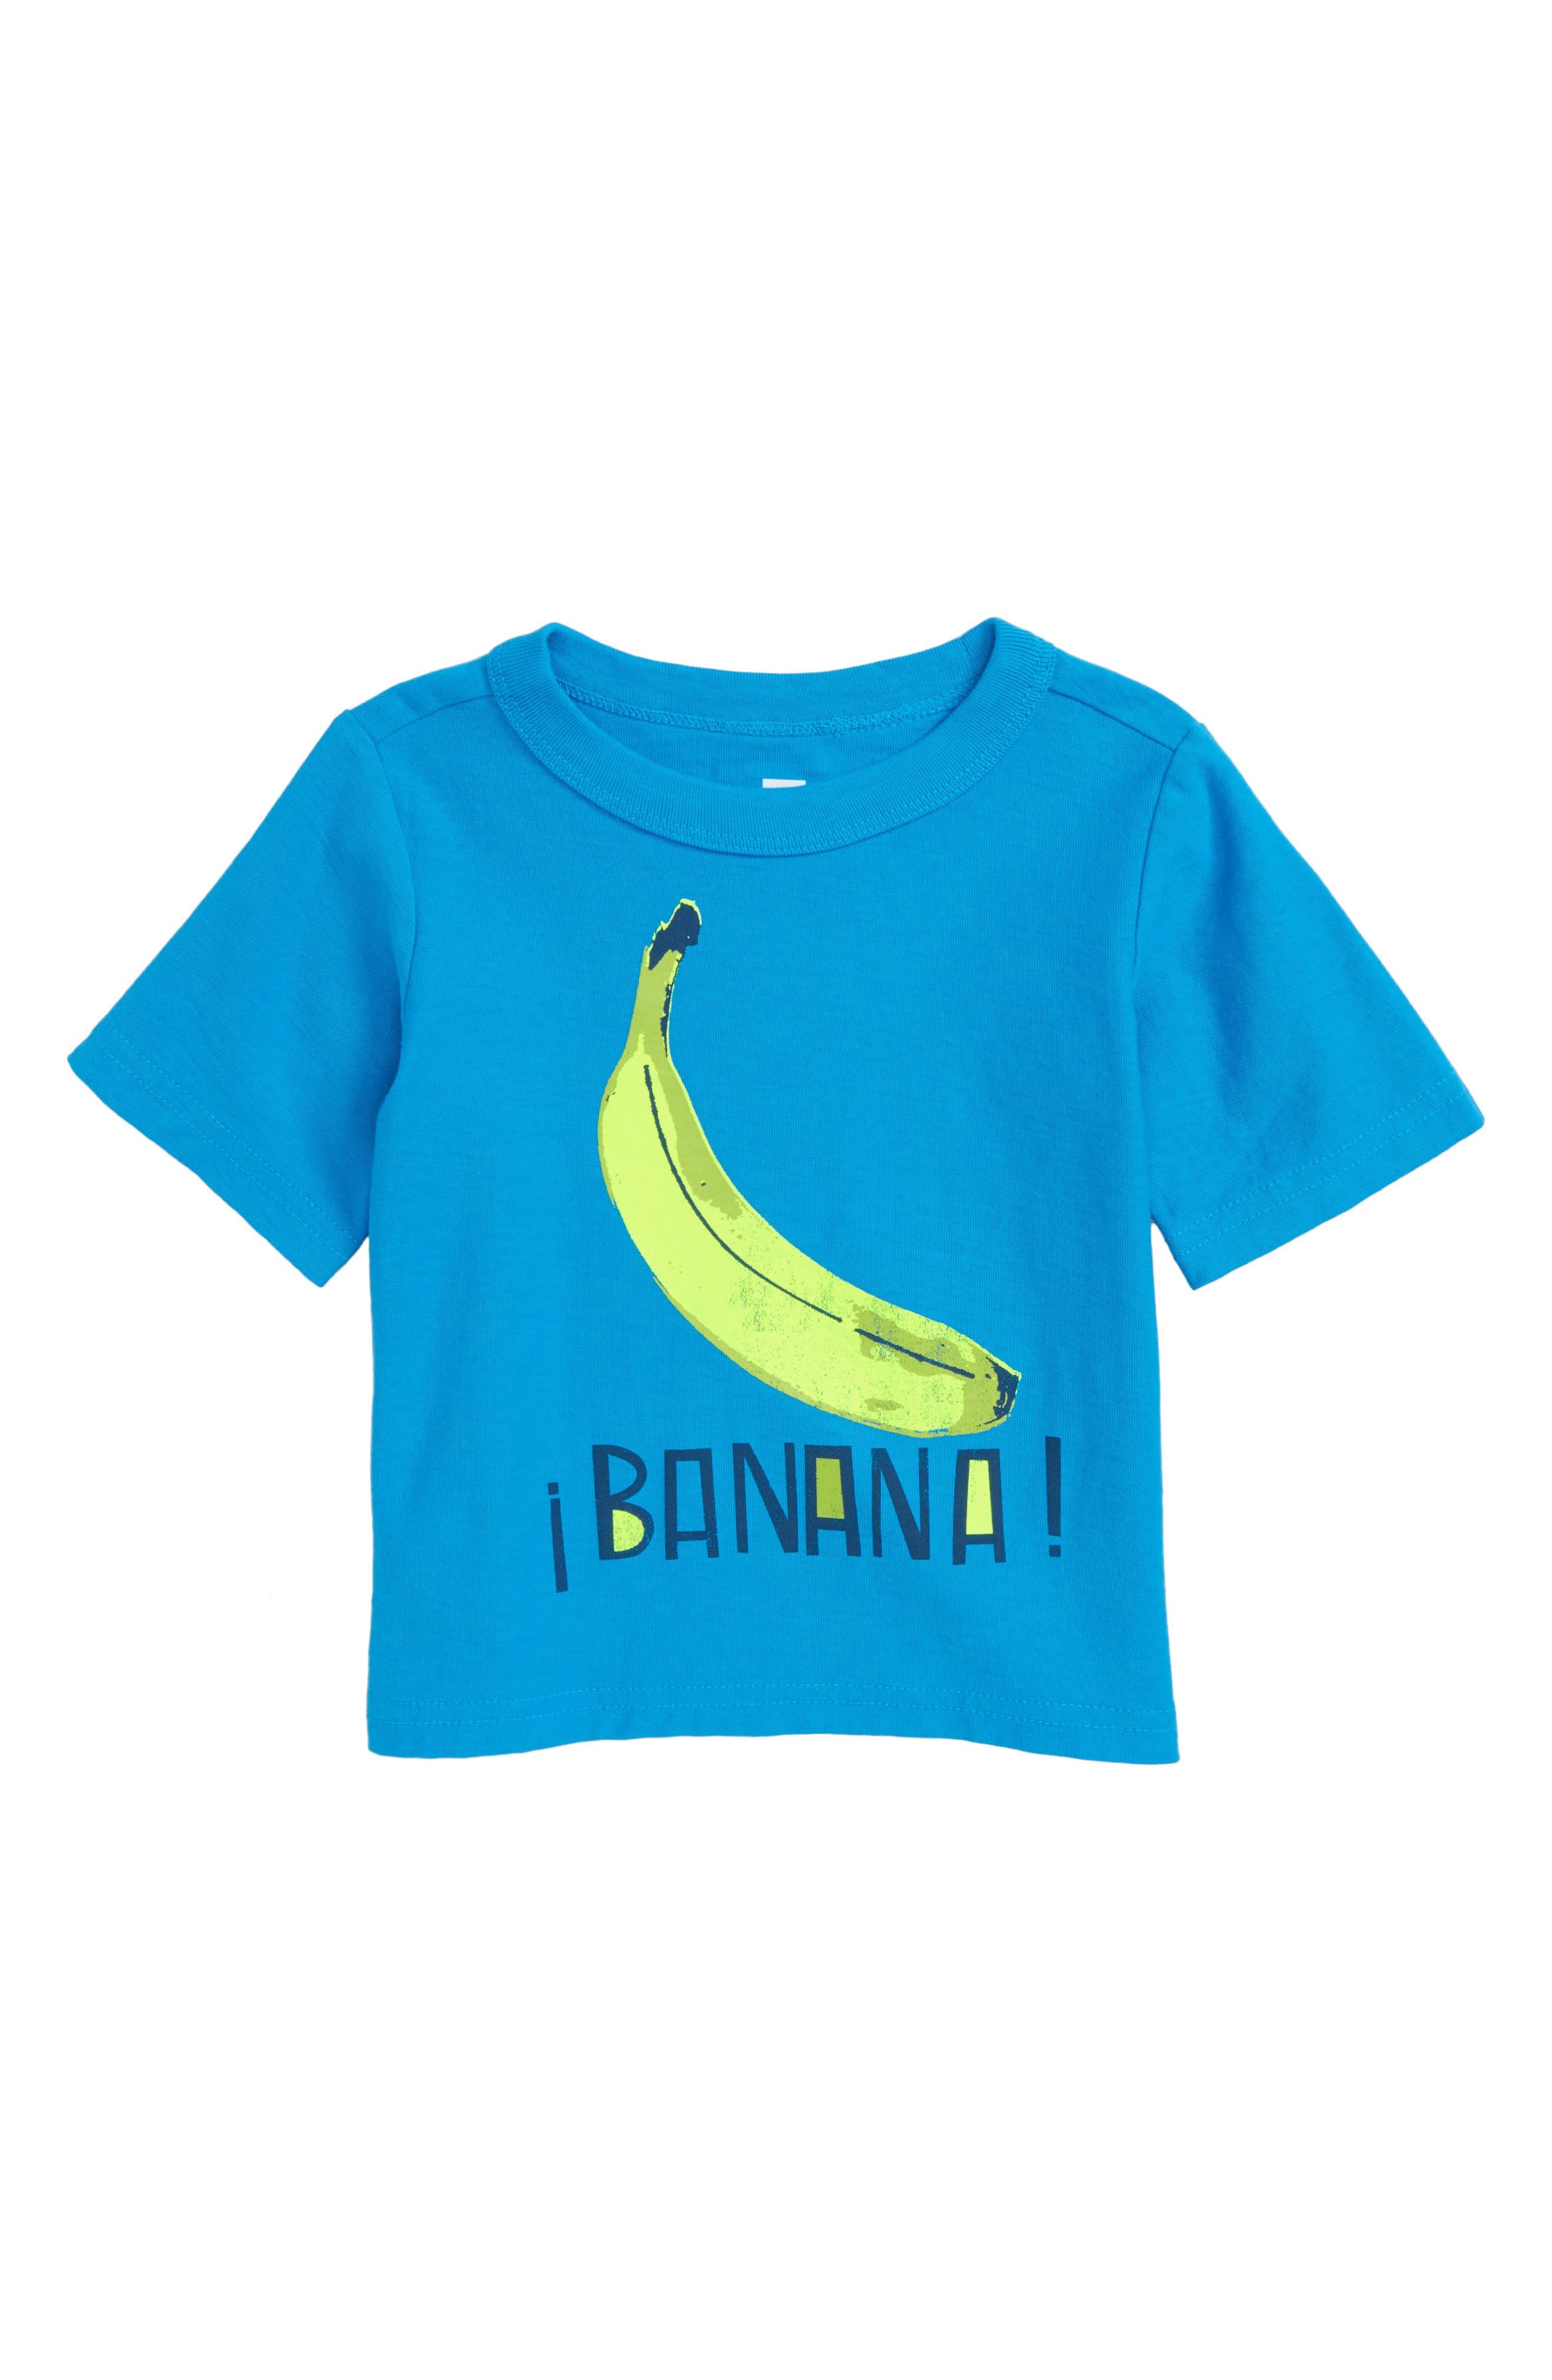 Banana Graphic T-Shirt,                         Main,                         color,